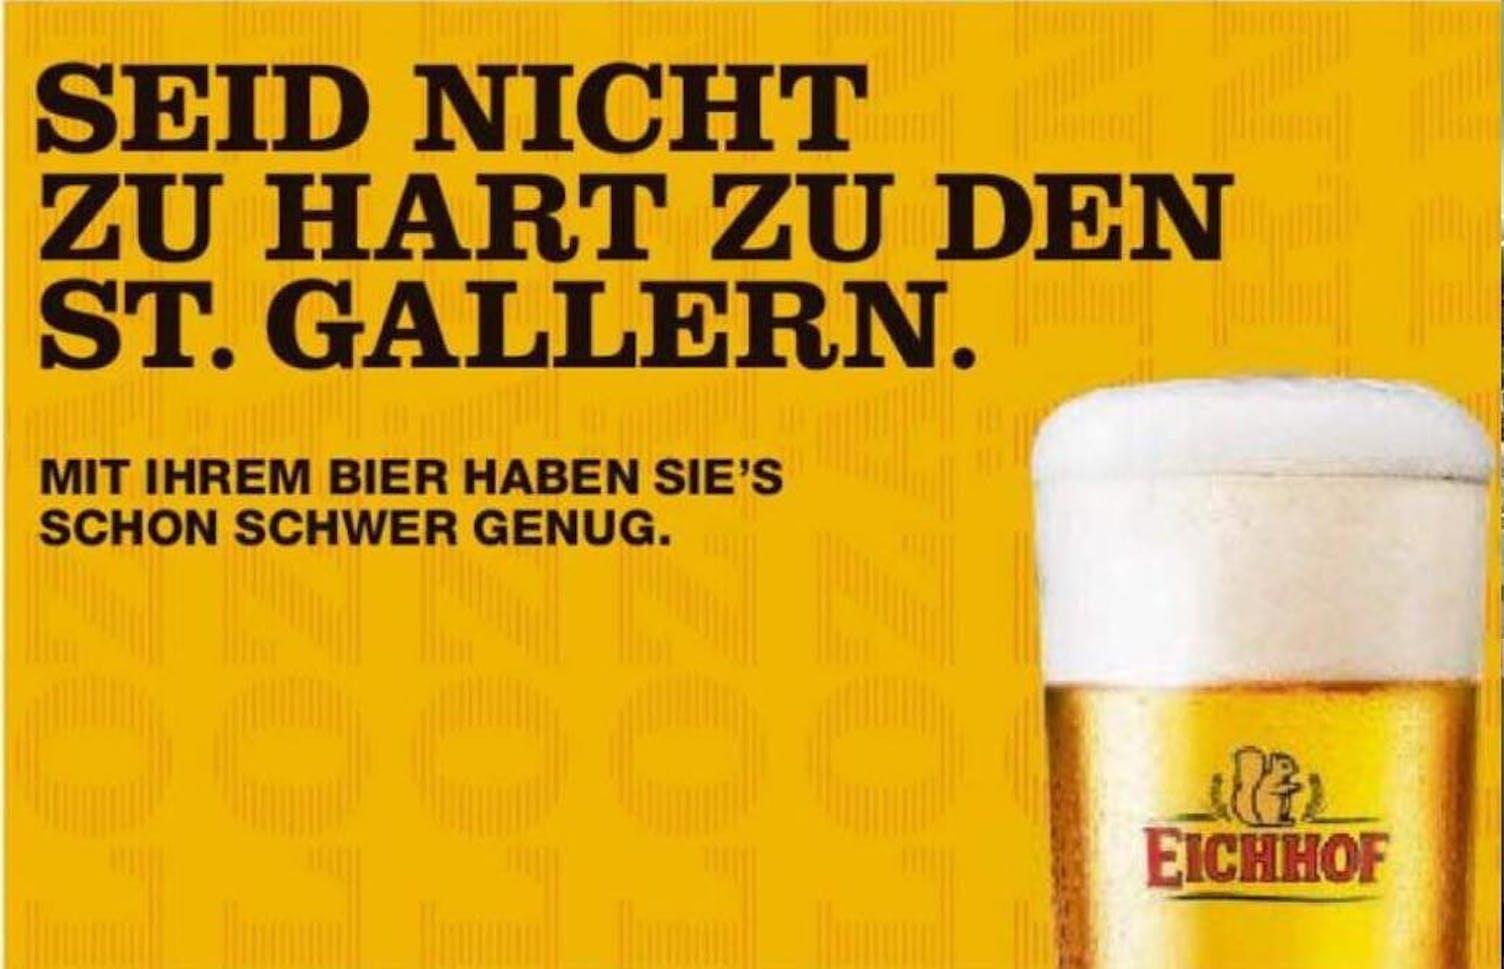 Brauerei Eichof